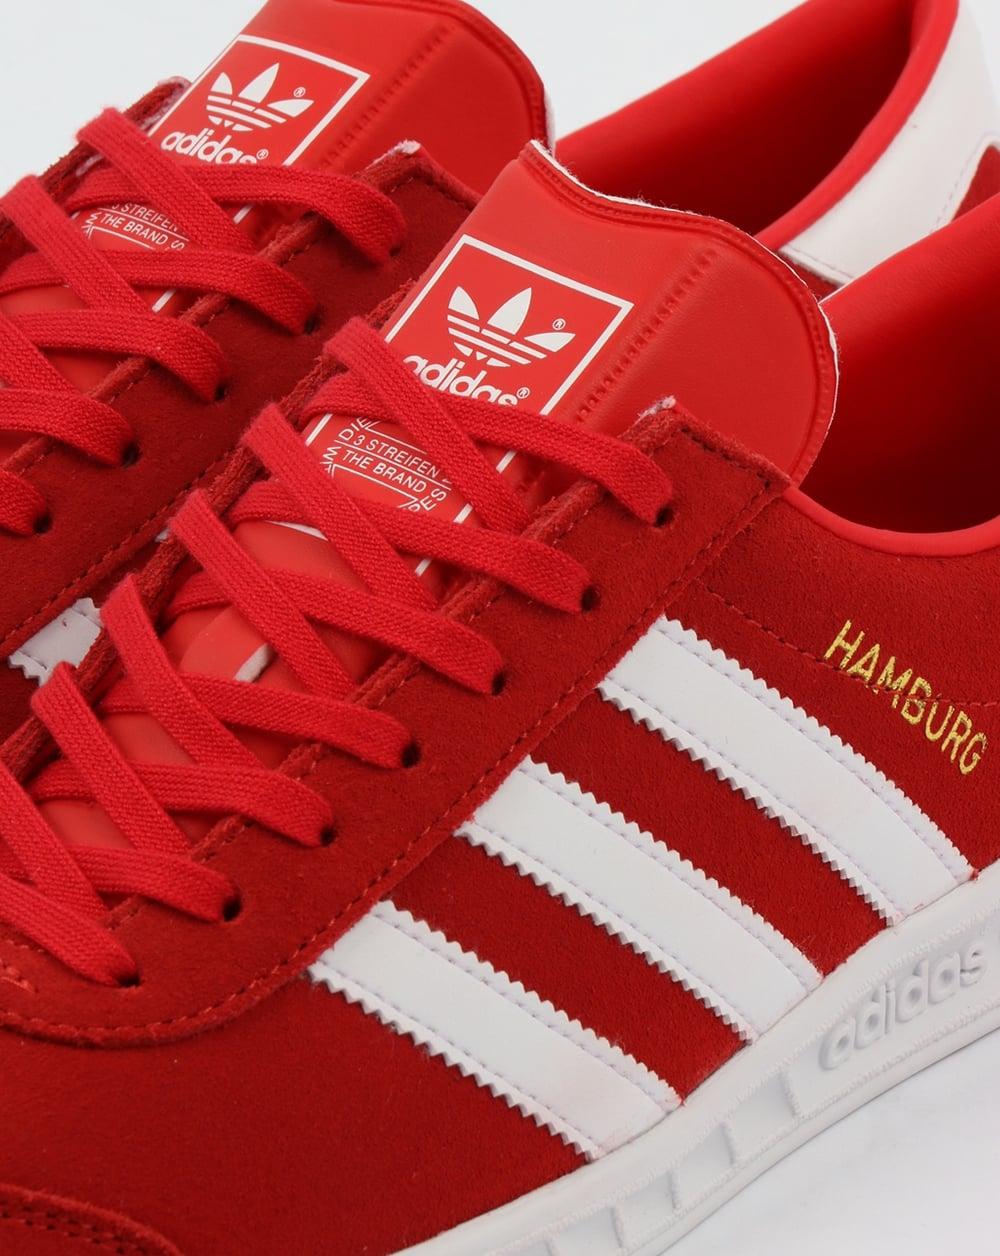 Adidas Hamburg Trainers Red/White